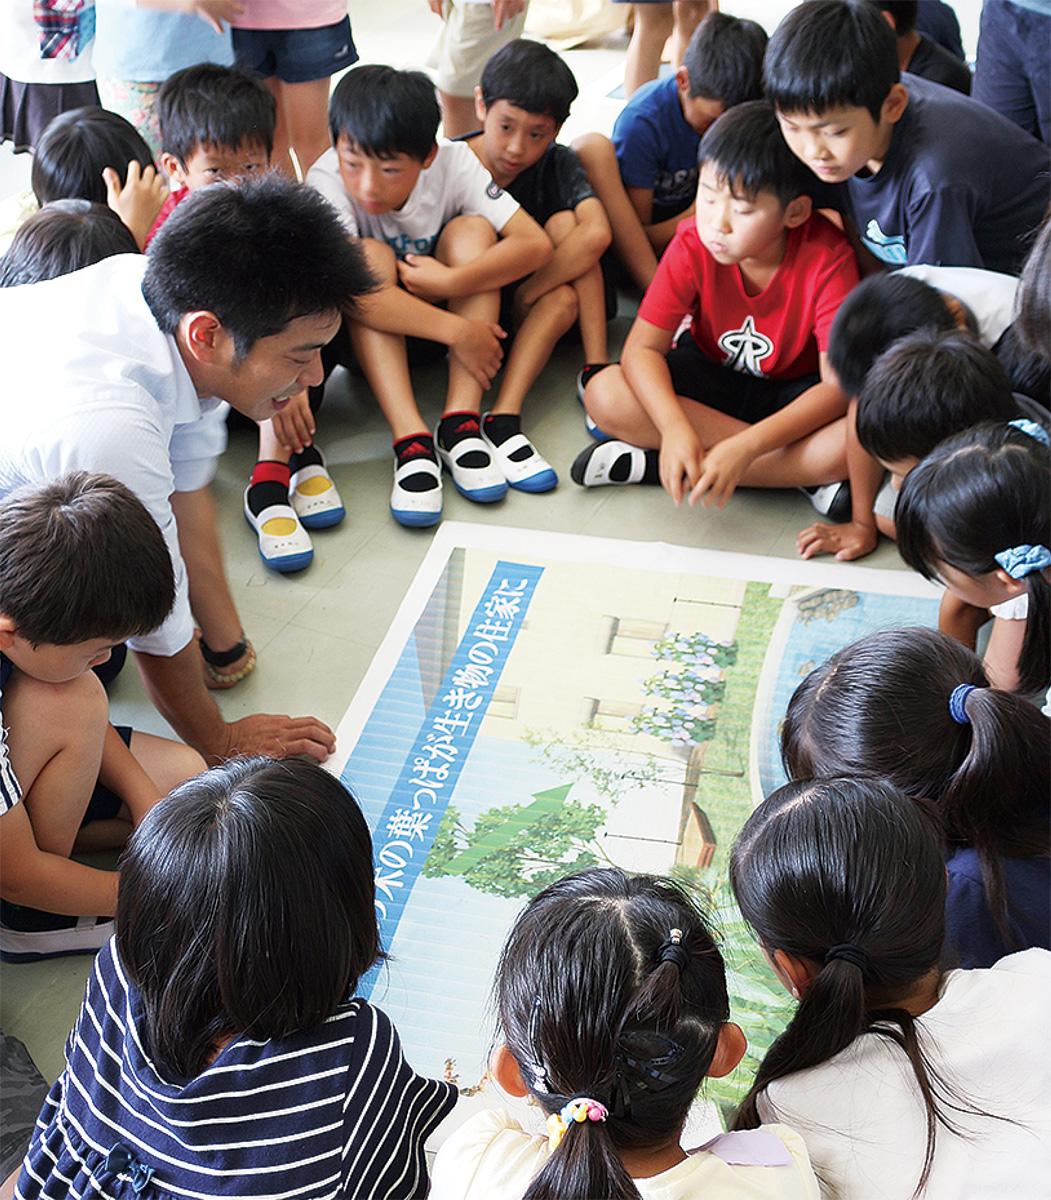 工事担当者の説明に聞き入る児童たち